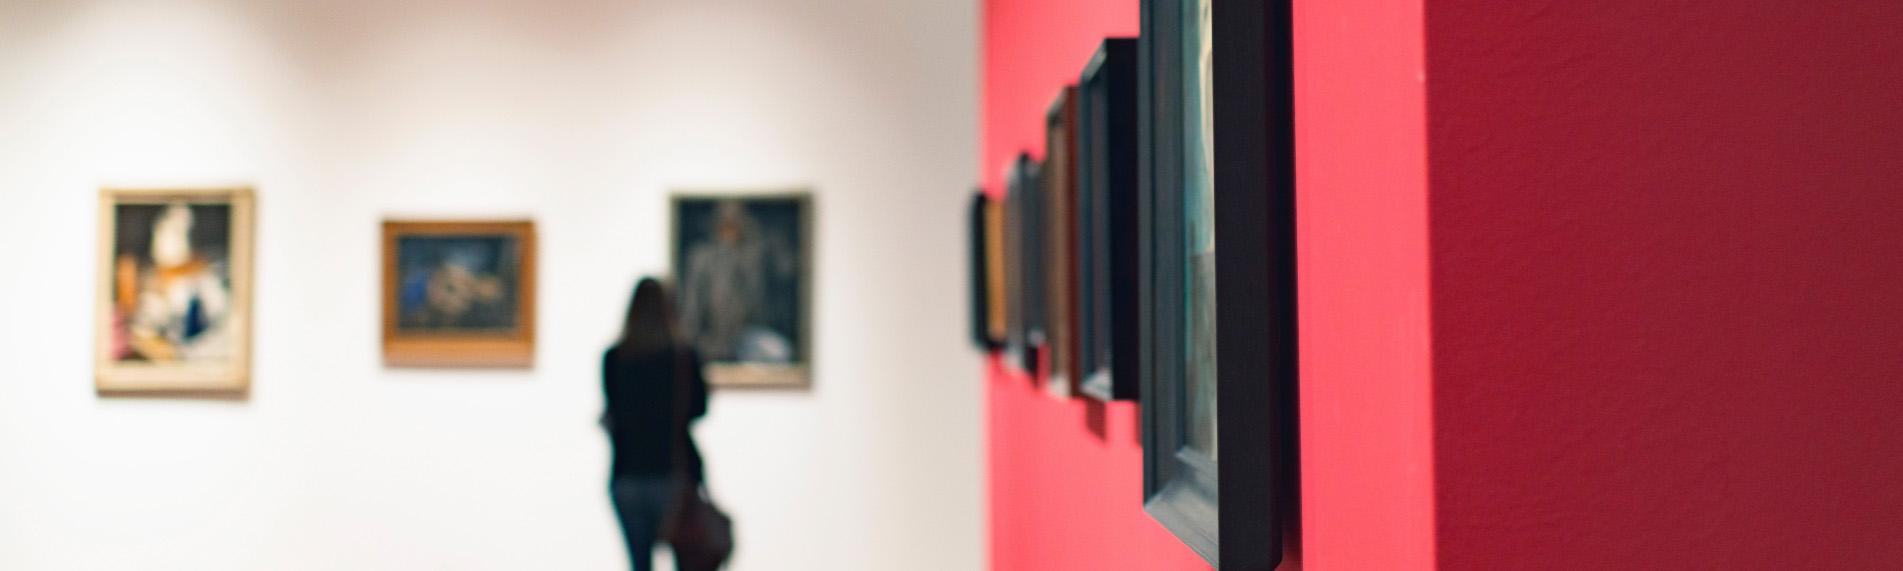 Museer og gallerier sikrer deres genstande med fugtstyring